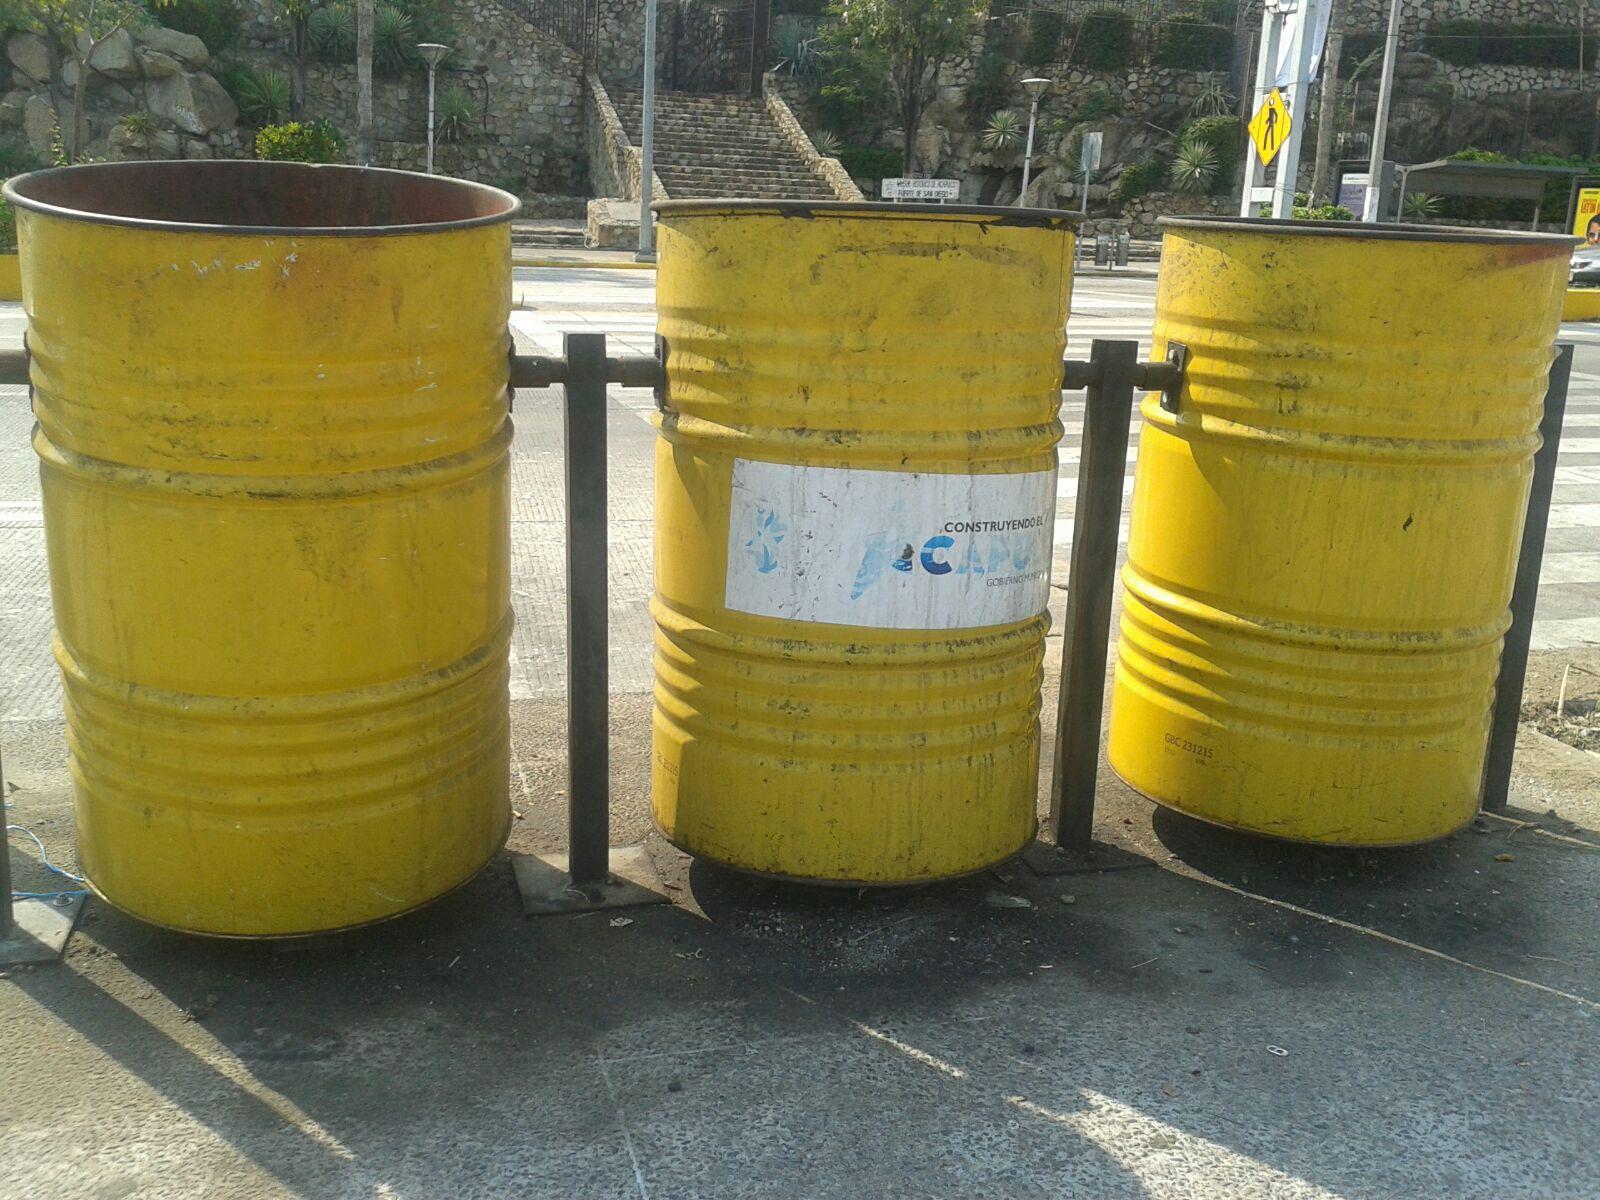 botes1 - Ni Zonatur sabe cuántos botes de basura le han robado